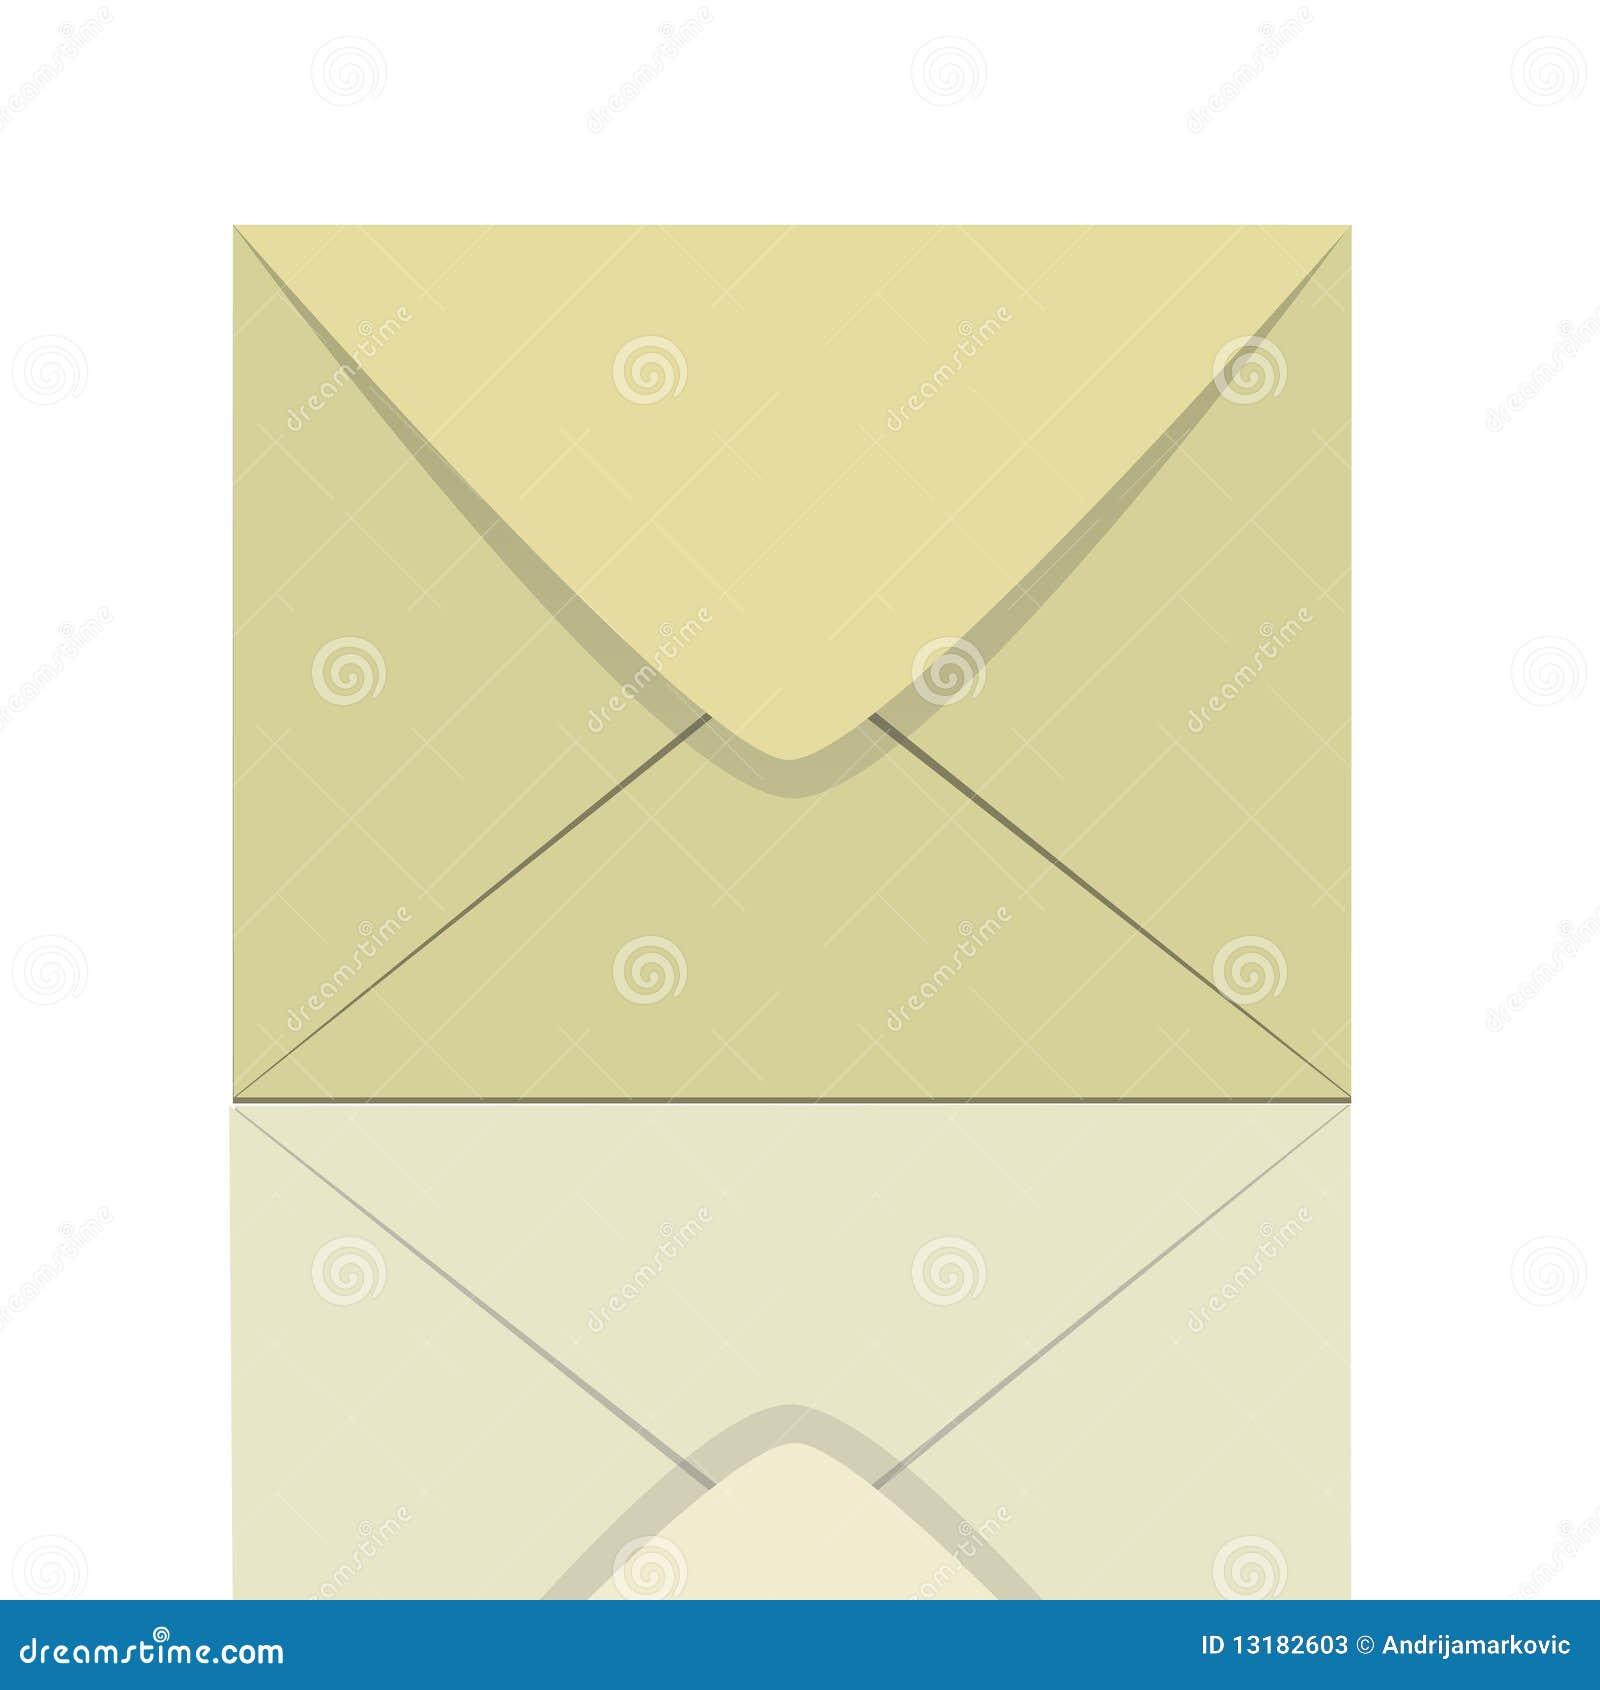 μήνυμα επιστολών